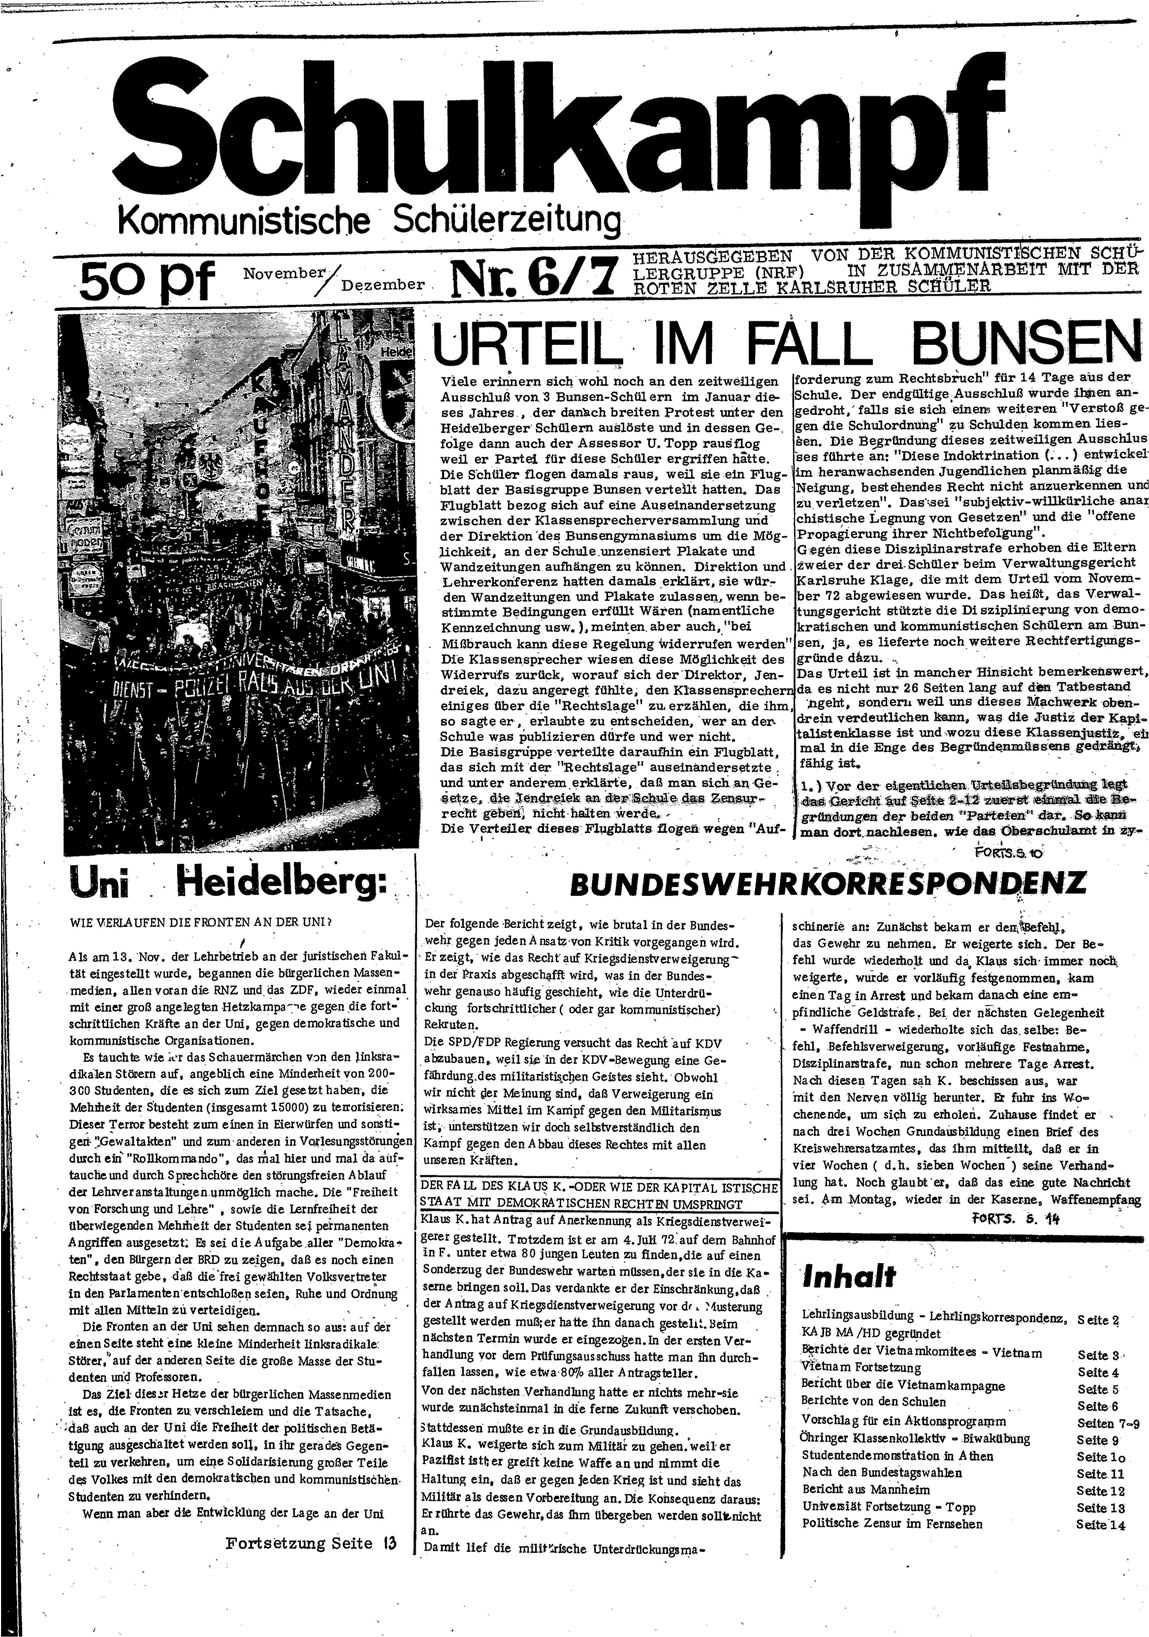 Schulkampf_HD_1972_06_01